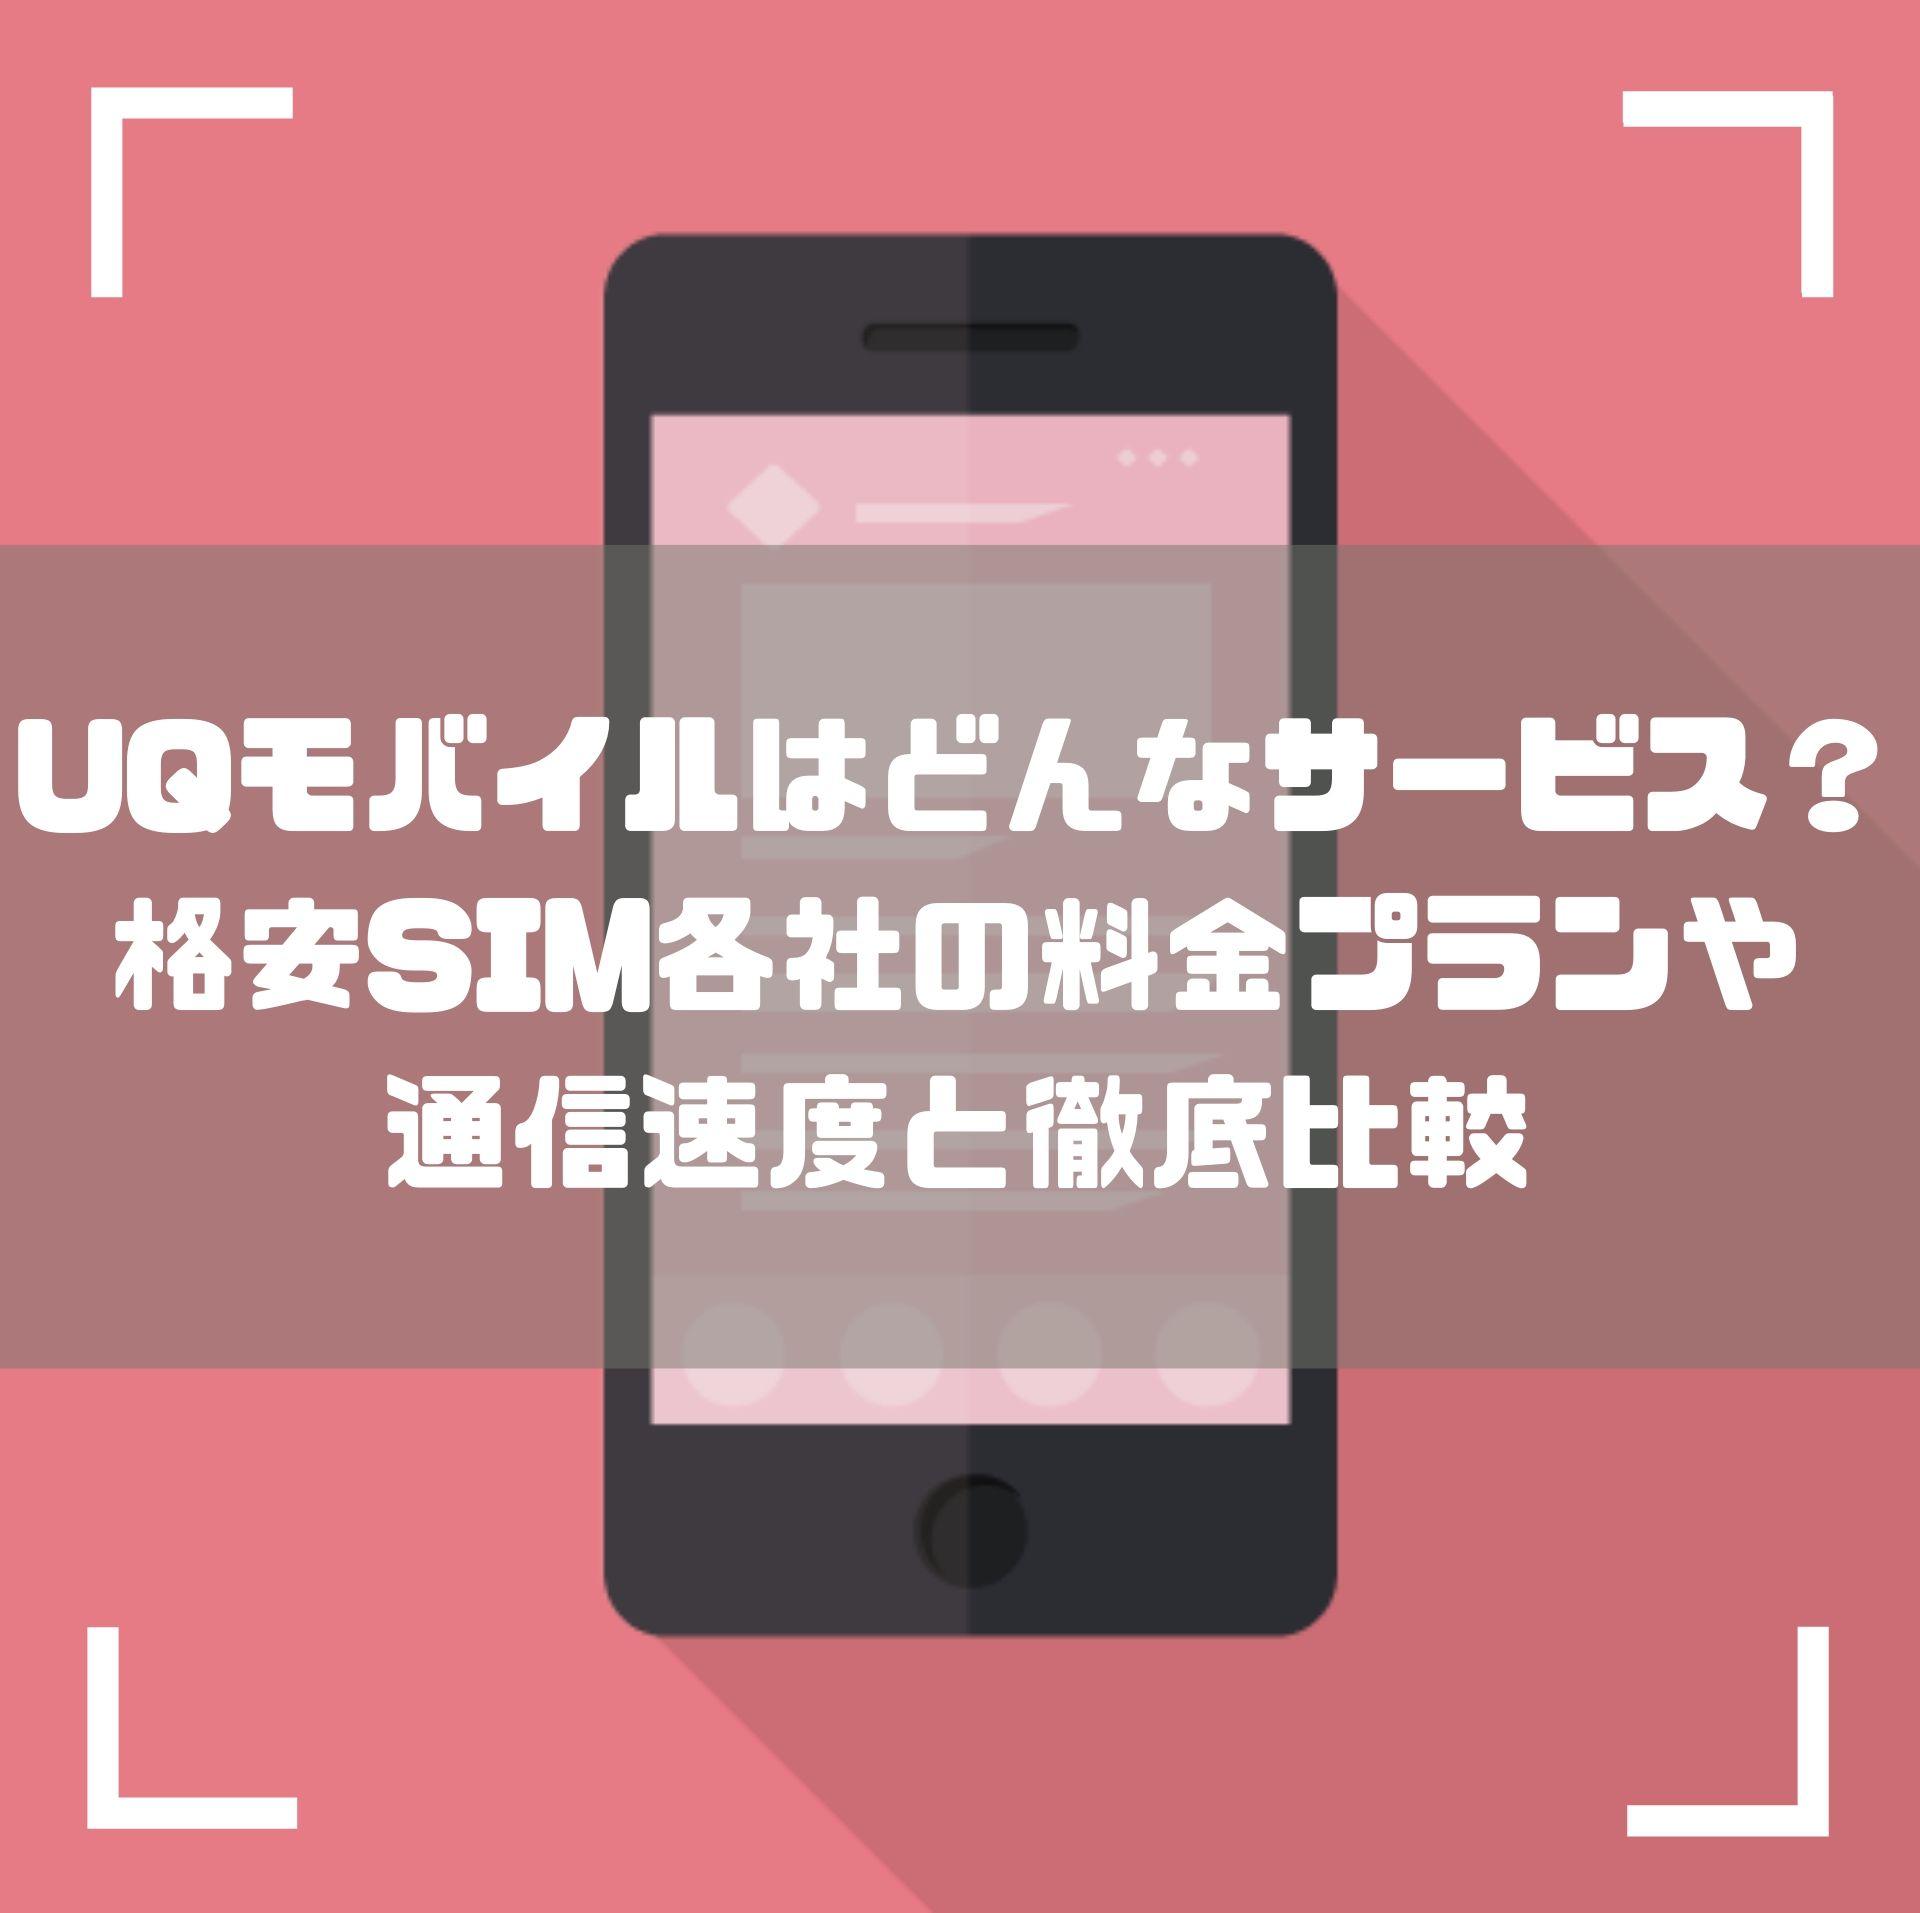 【2021年3月】UQモバイルの評判・口コミを完全網羅|2月に登場した新プランについても解説